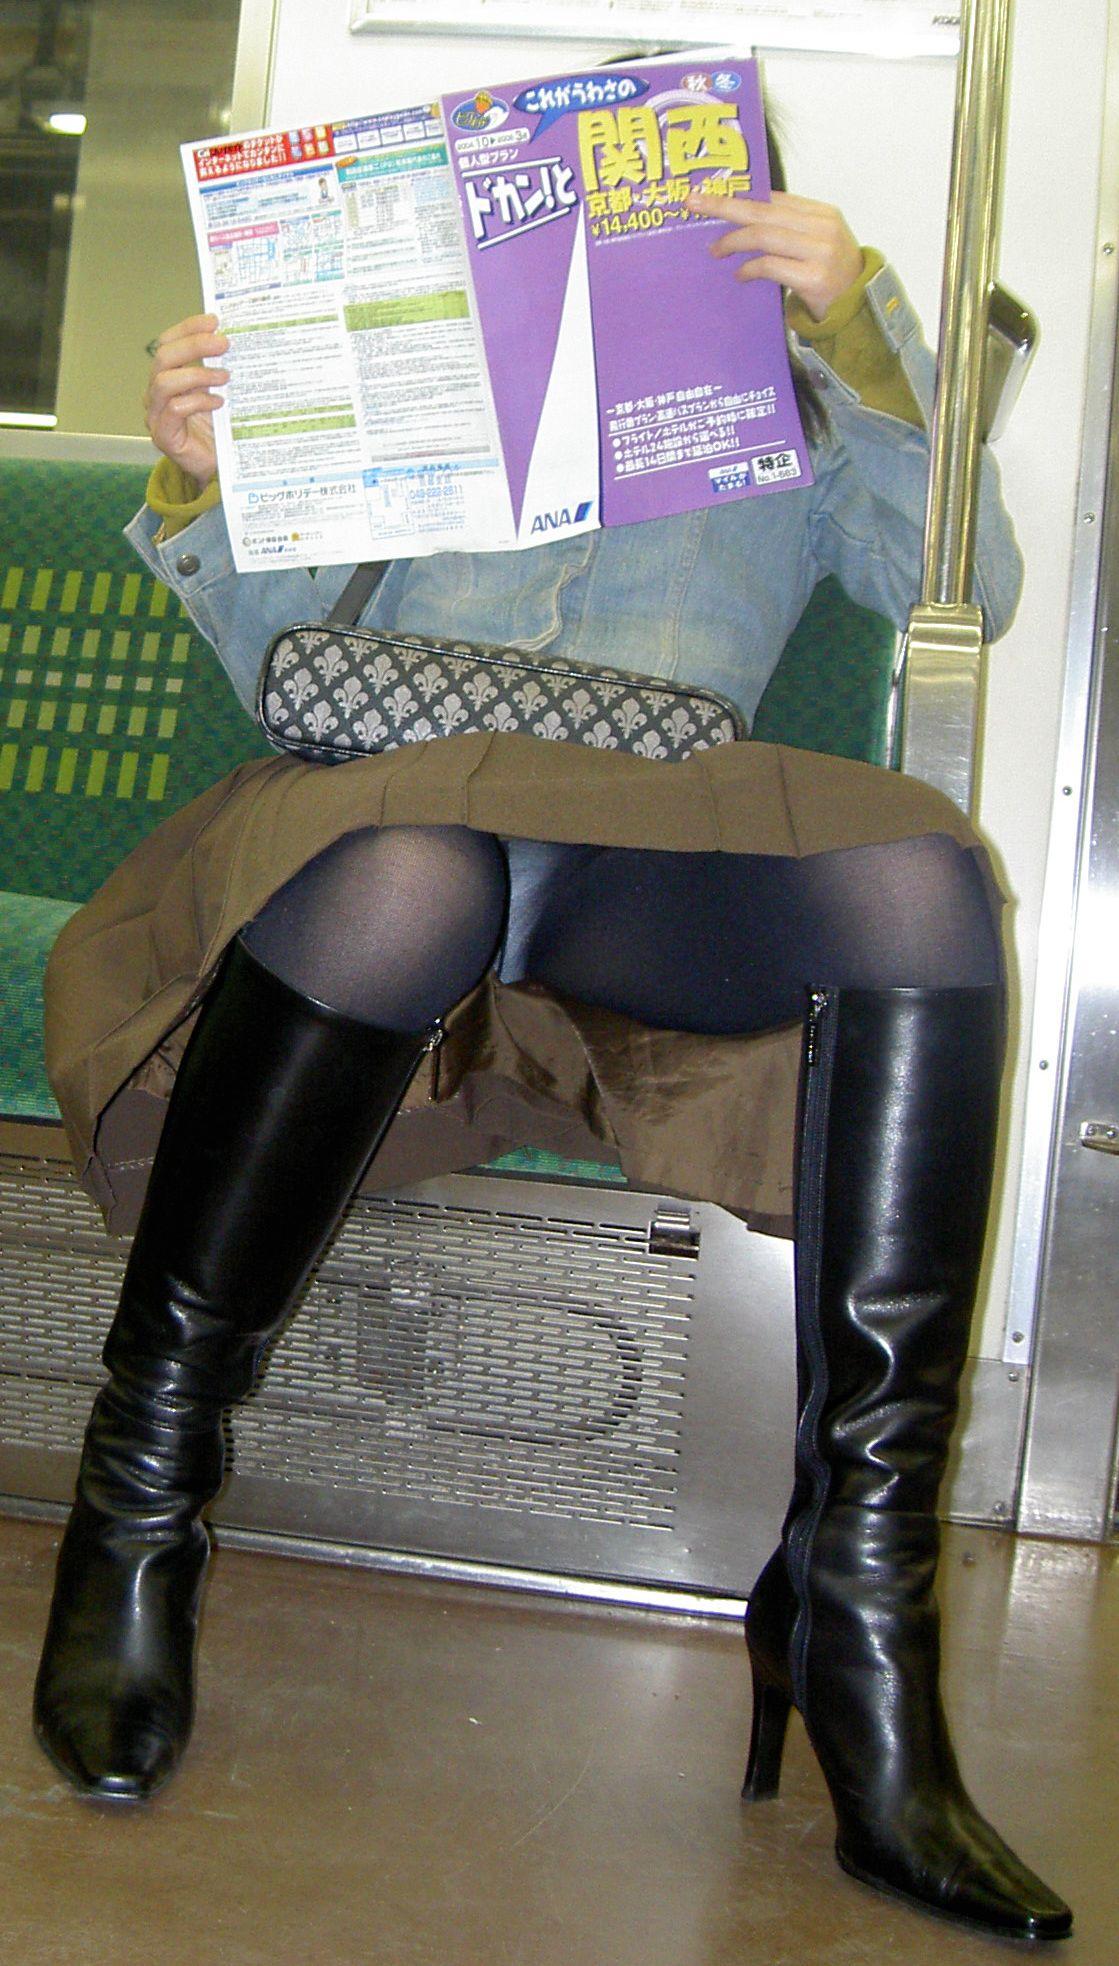 【パンチラエロ画像】対面さえとれば後はこっそり…電車内のパンチラ観察www 24